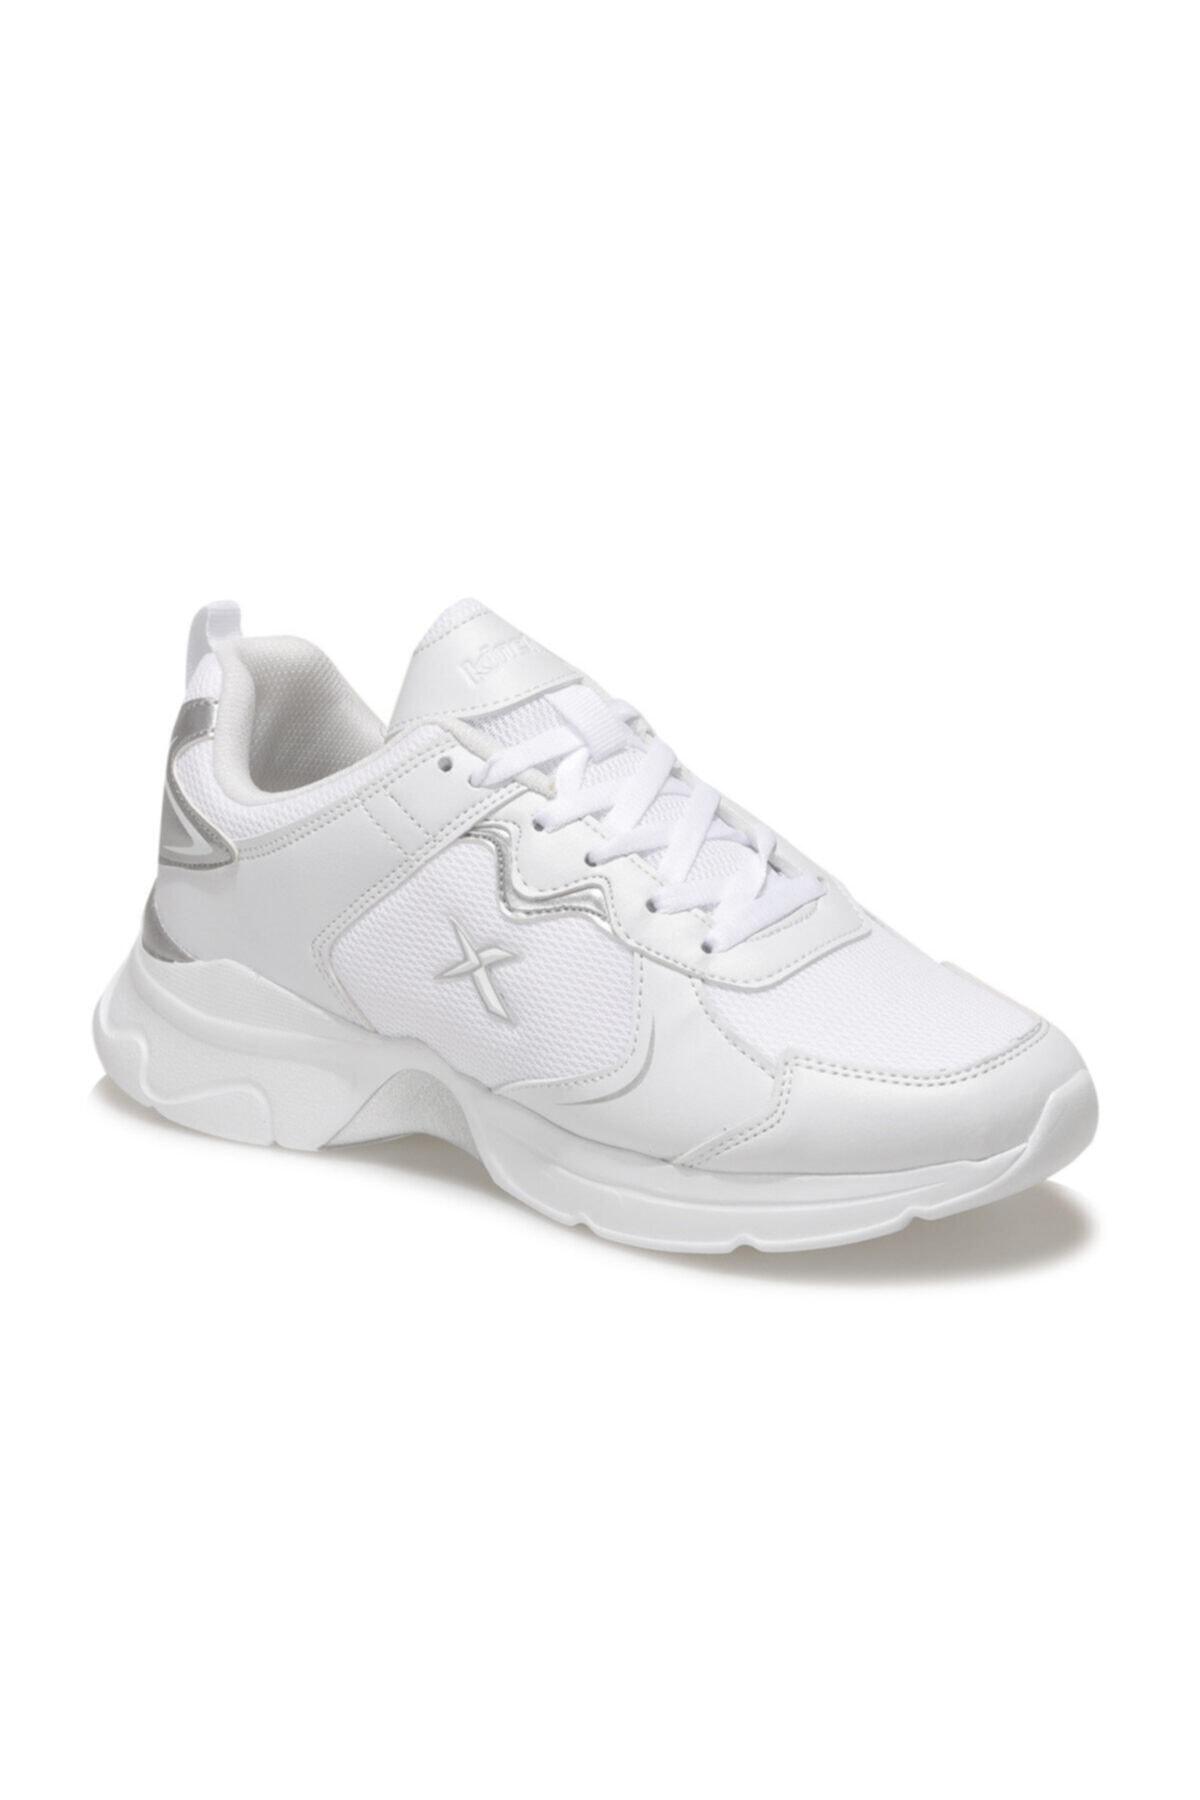 Kadın Spor Ayakkabı Beyaz As00569064 100662419 Ruth Mesh W 1fx